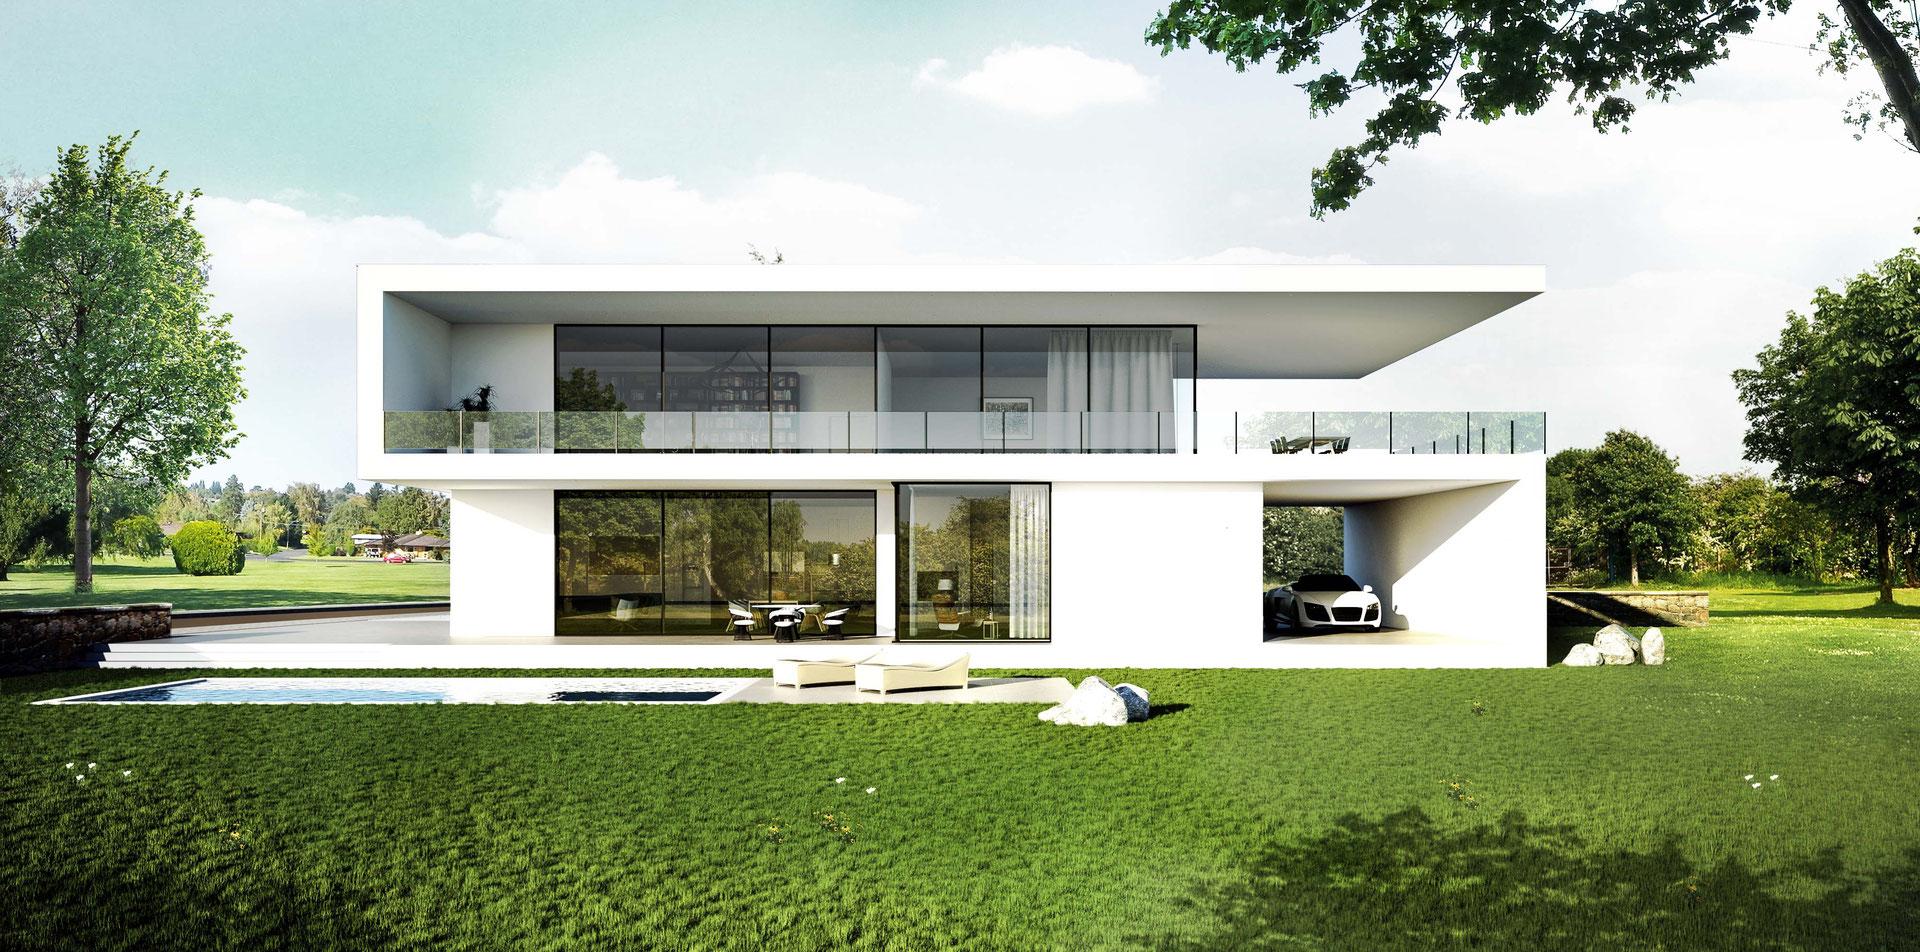 modernes einfamilienhaus im bauhausstil architekturvisualisierung. Black Bedroom Furniture Sets. Home Design Ideas